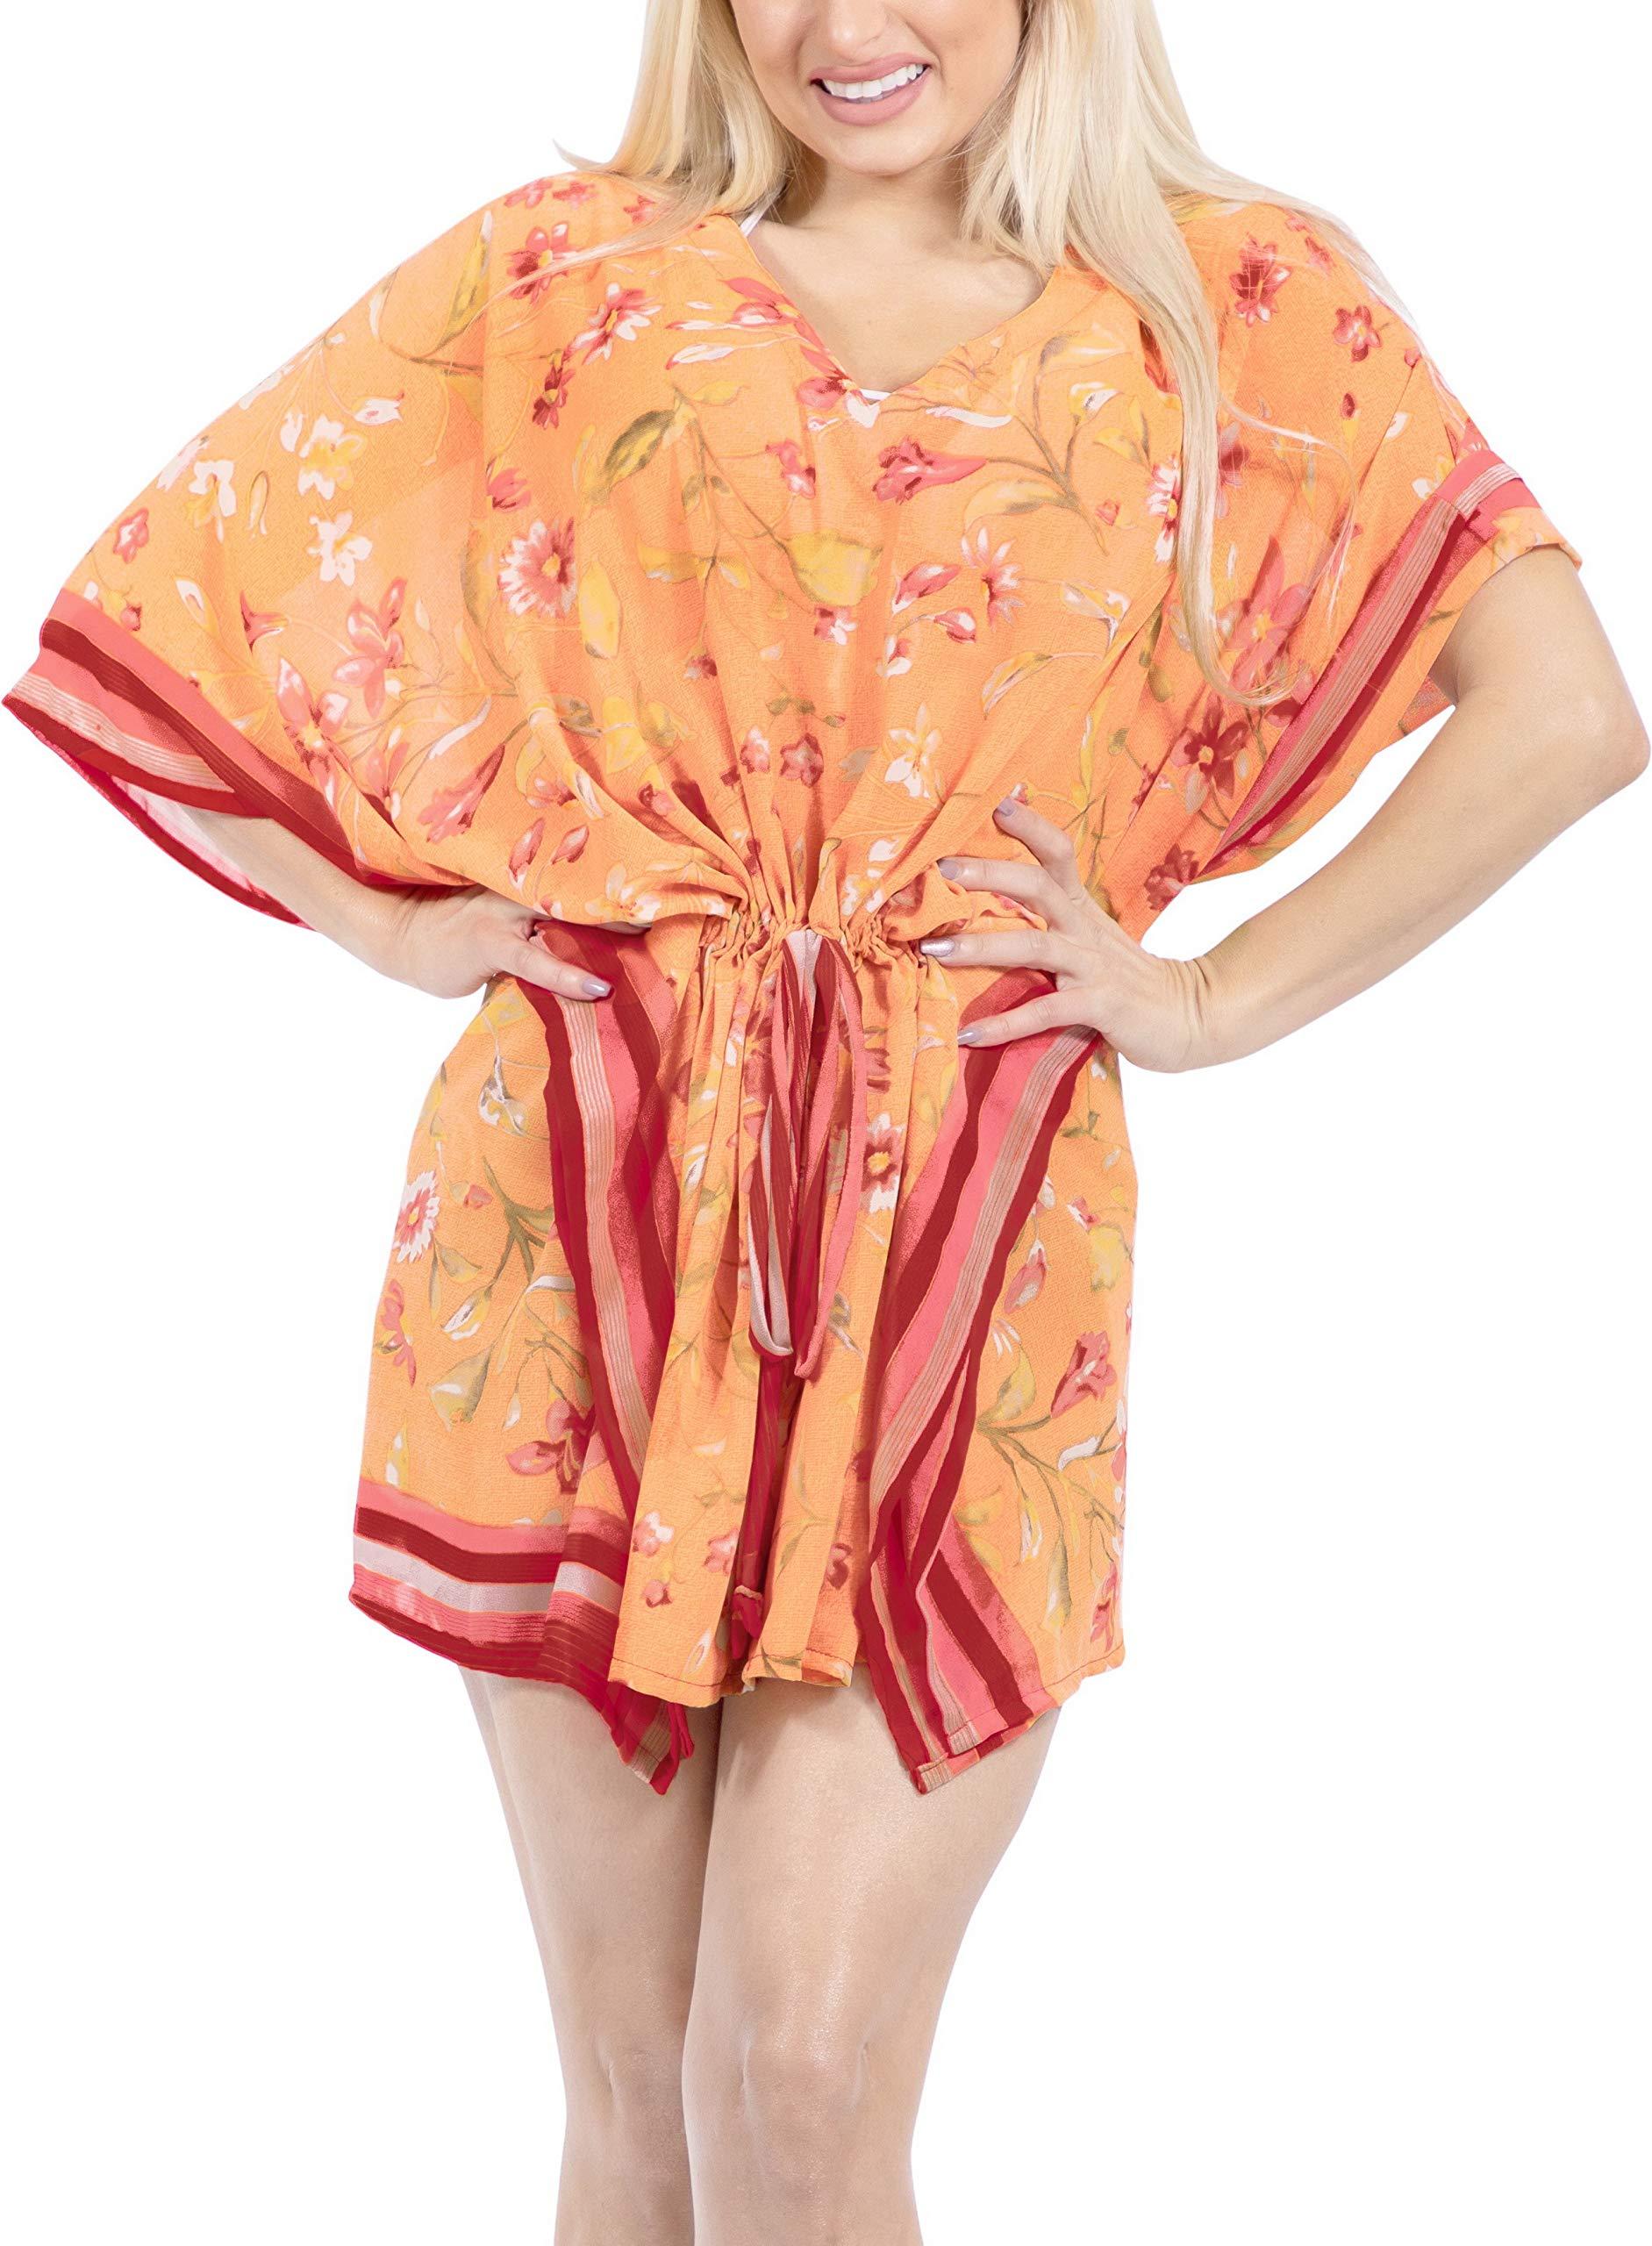 LA LEELA Abito Kimono Abbigliamento Casual Kaftano Top Costume da Bagno Cover up Spiaggia Estiva per Le Donne 2 spesavip